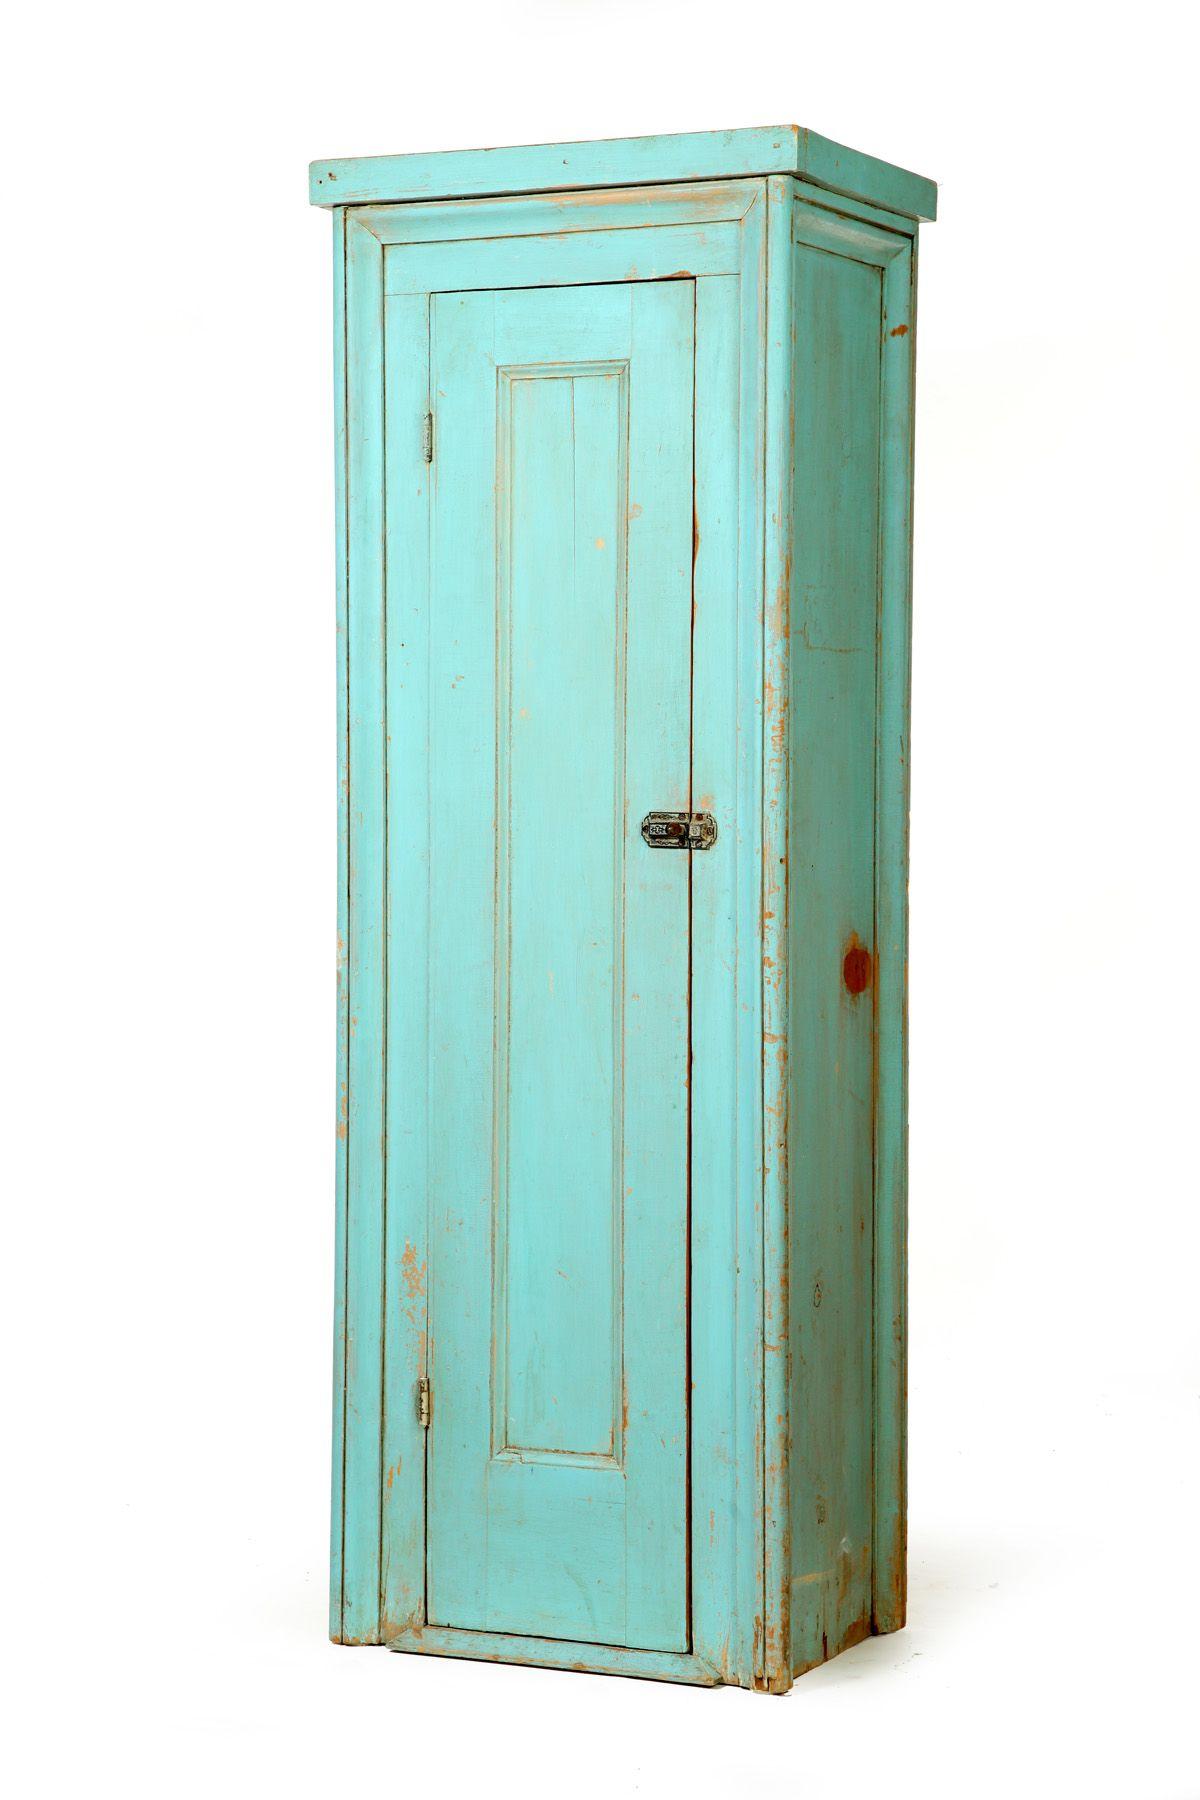 Garth S Auctions Inc Auctioneers Appraisers Error Primitive Furniture Primitive Cabinets Farm House Colors